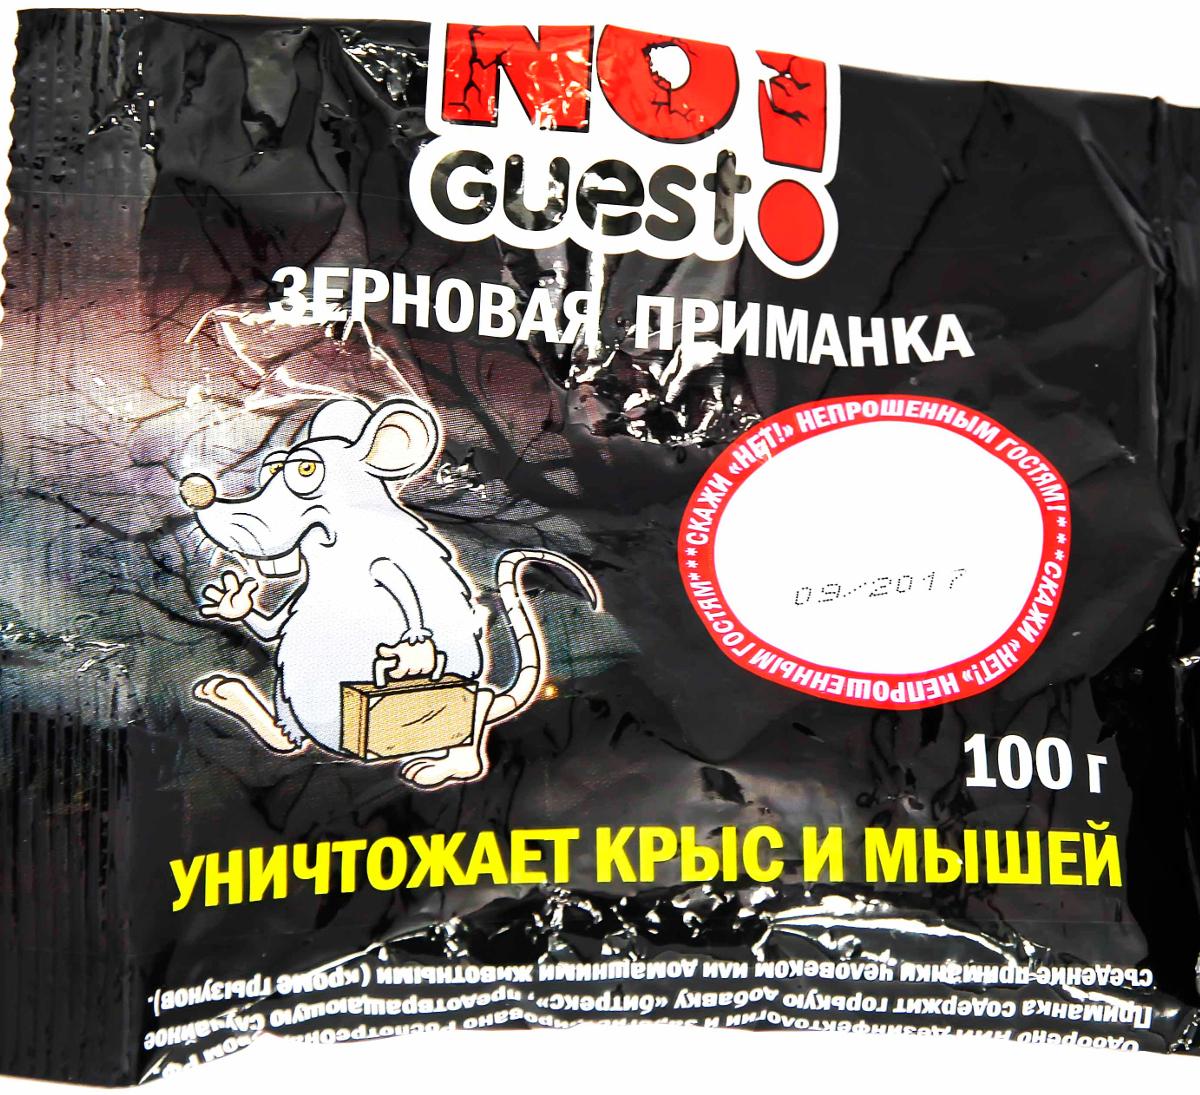 """Приманка """"NoGuest!"""" охотно поедается крысами и мышами, легко распределяется грызунами между собой. Зерно для грызунов - корм привычный, поэтому начало поедания приманки грызунами после раскладки очень быстрое."""